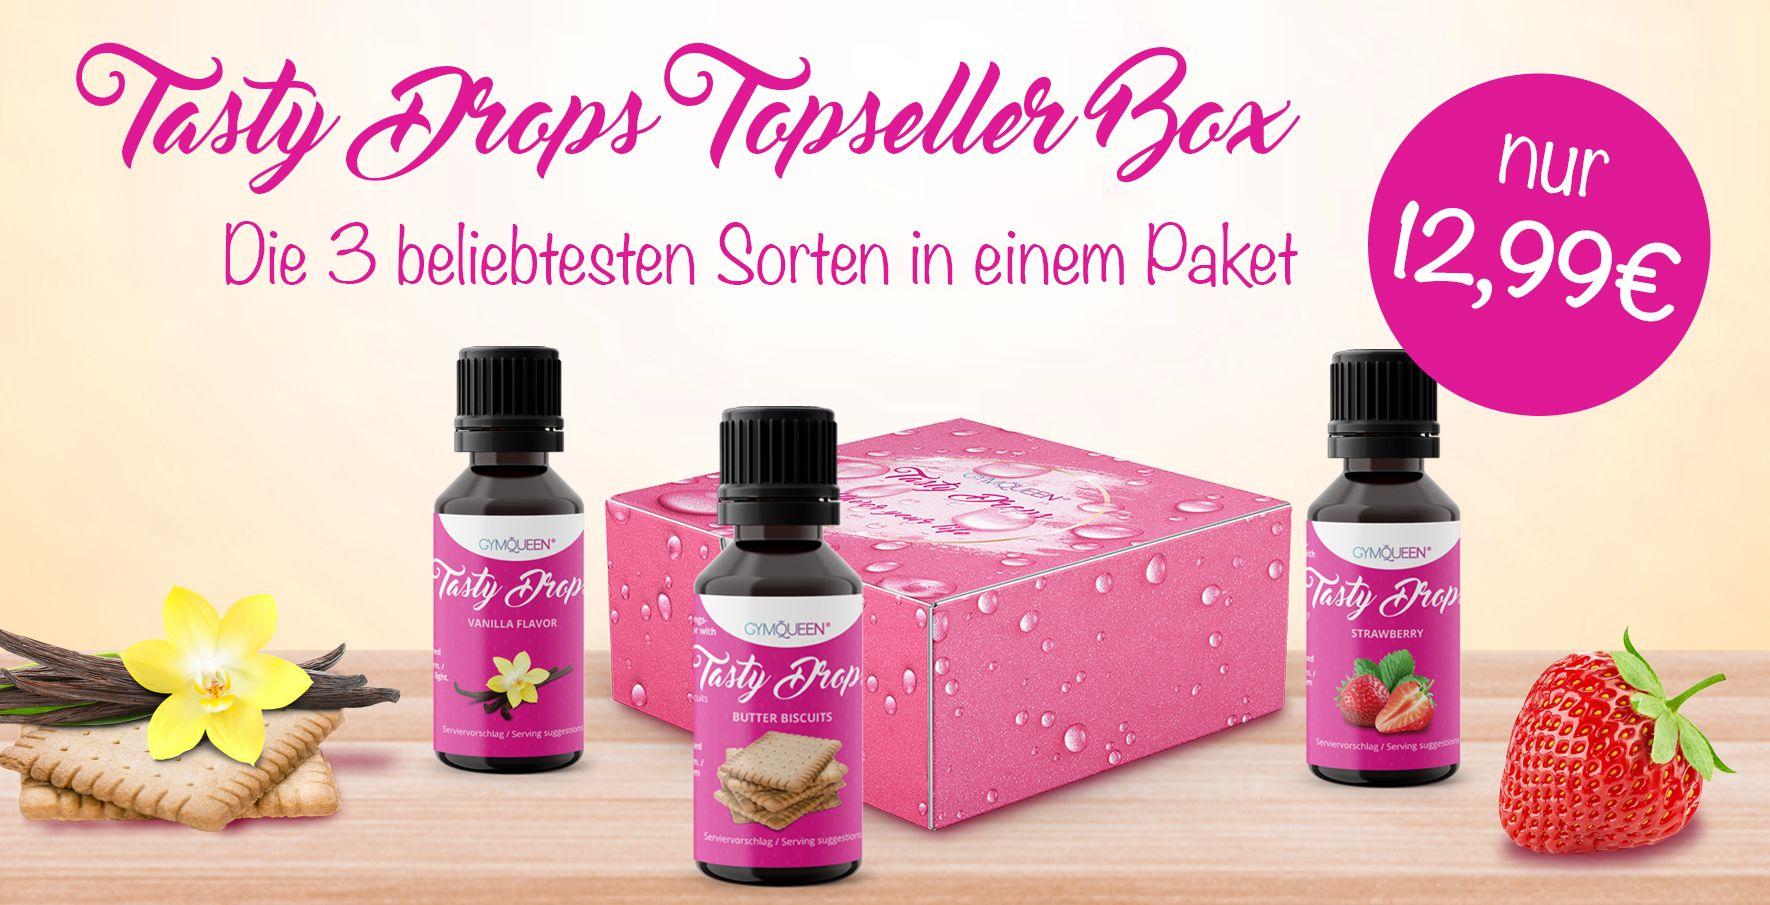 Auf dem Banner seht ihr die neue Tasty Drops Topseller Box mit den drei beliebtesten Tasty Drops Geschmacksrichtungen für insgesamt nur 12,99 Euro.